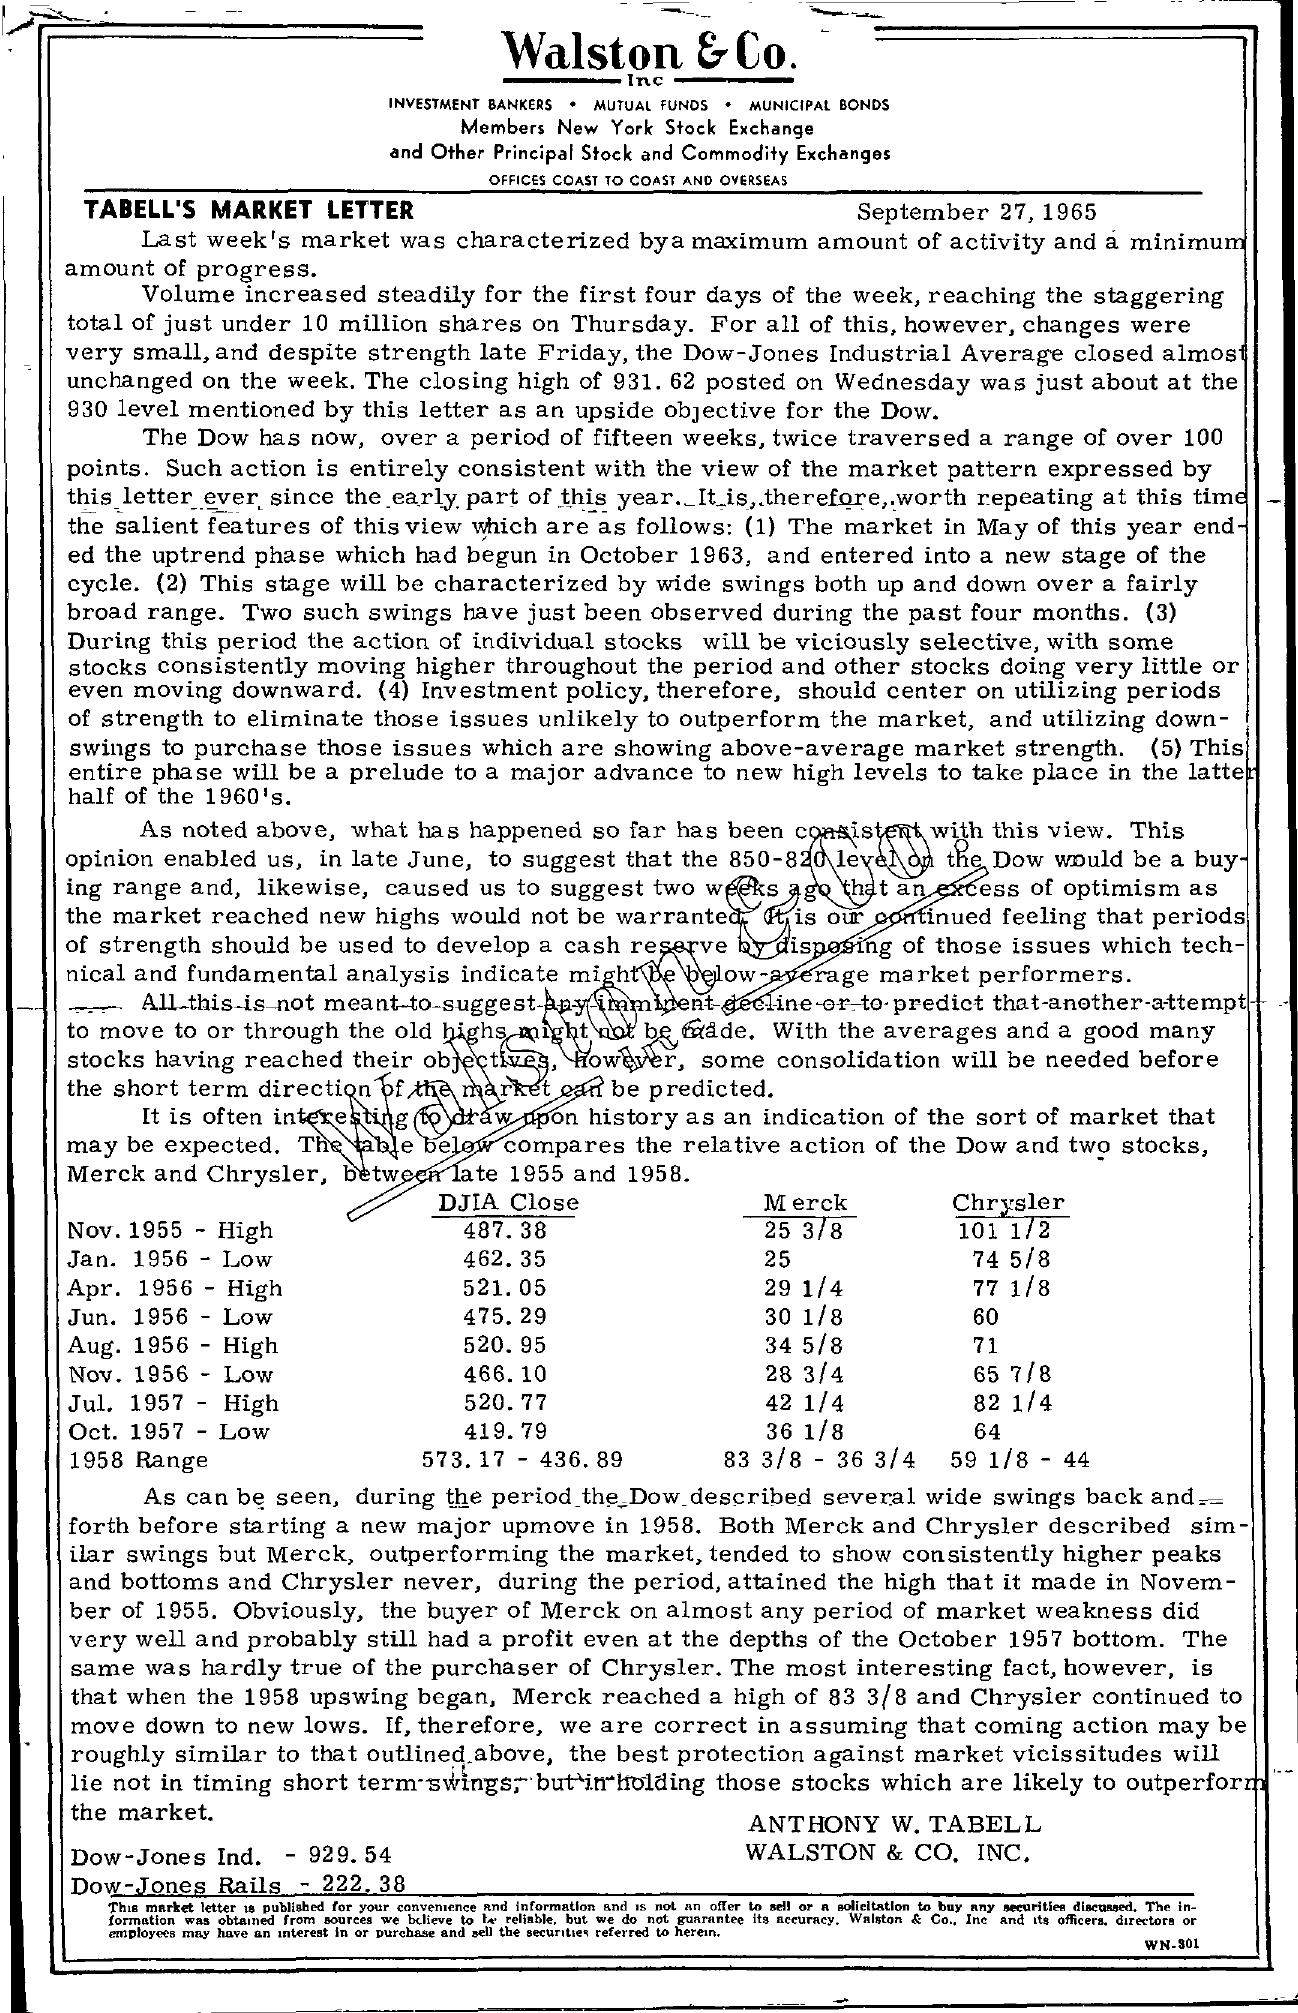 Tabell's Market Letter - September 27, 1965